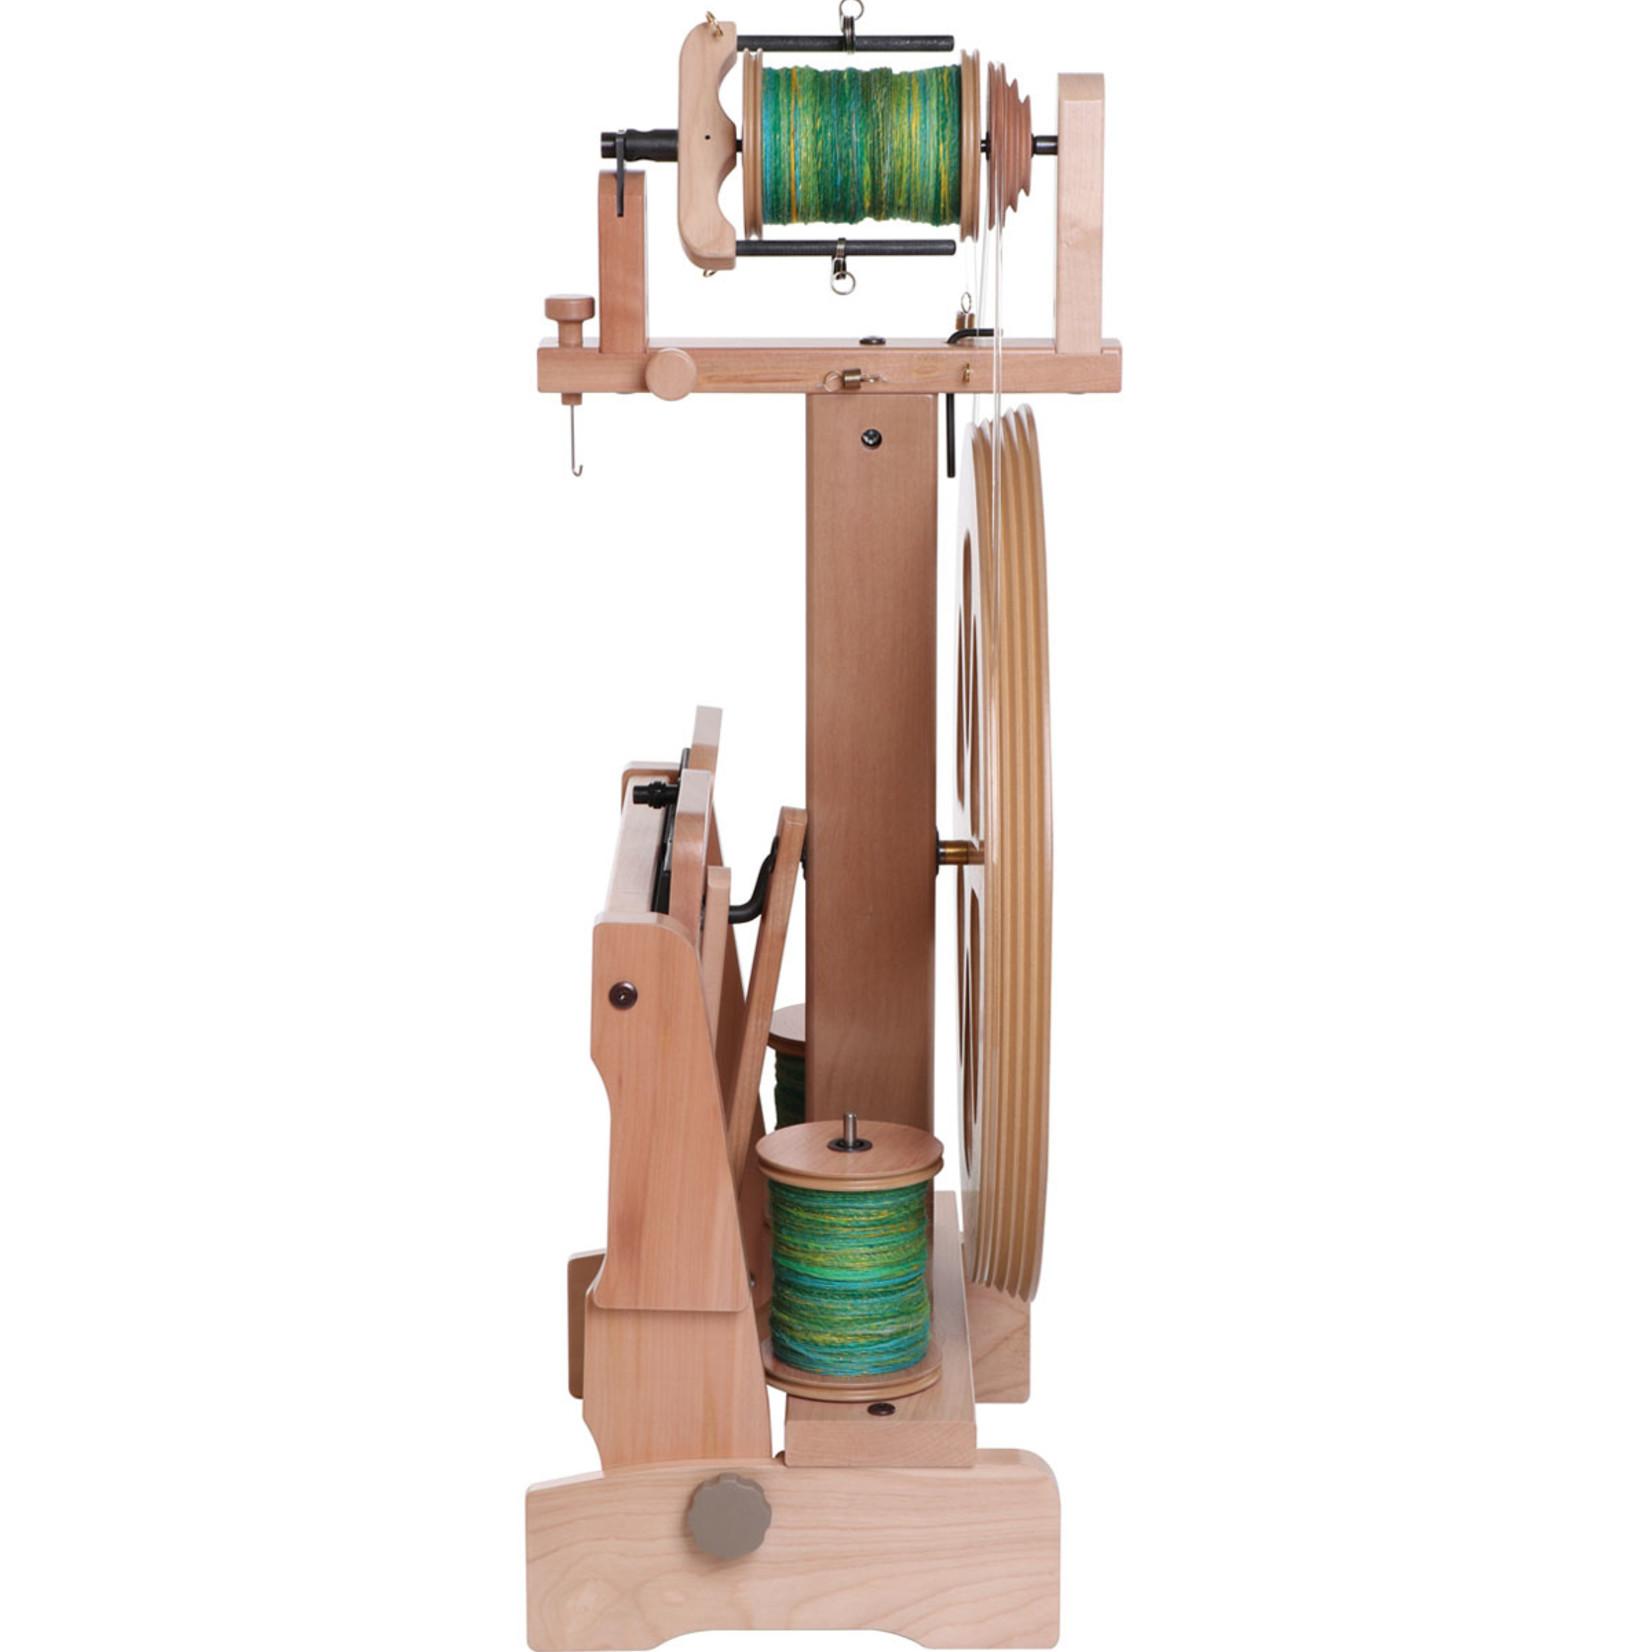 Kiwi 3 Natural Spinning Wheel